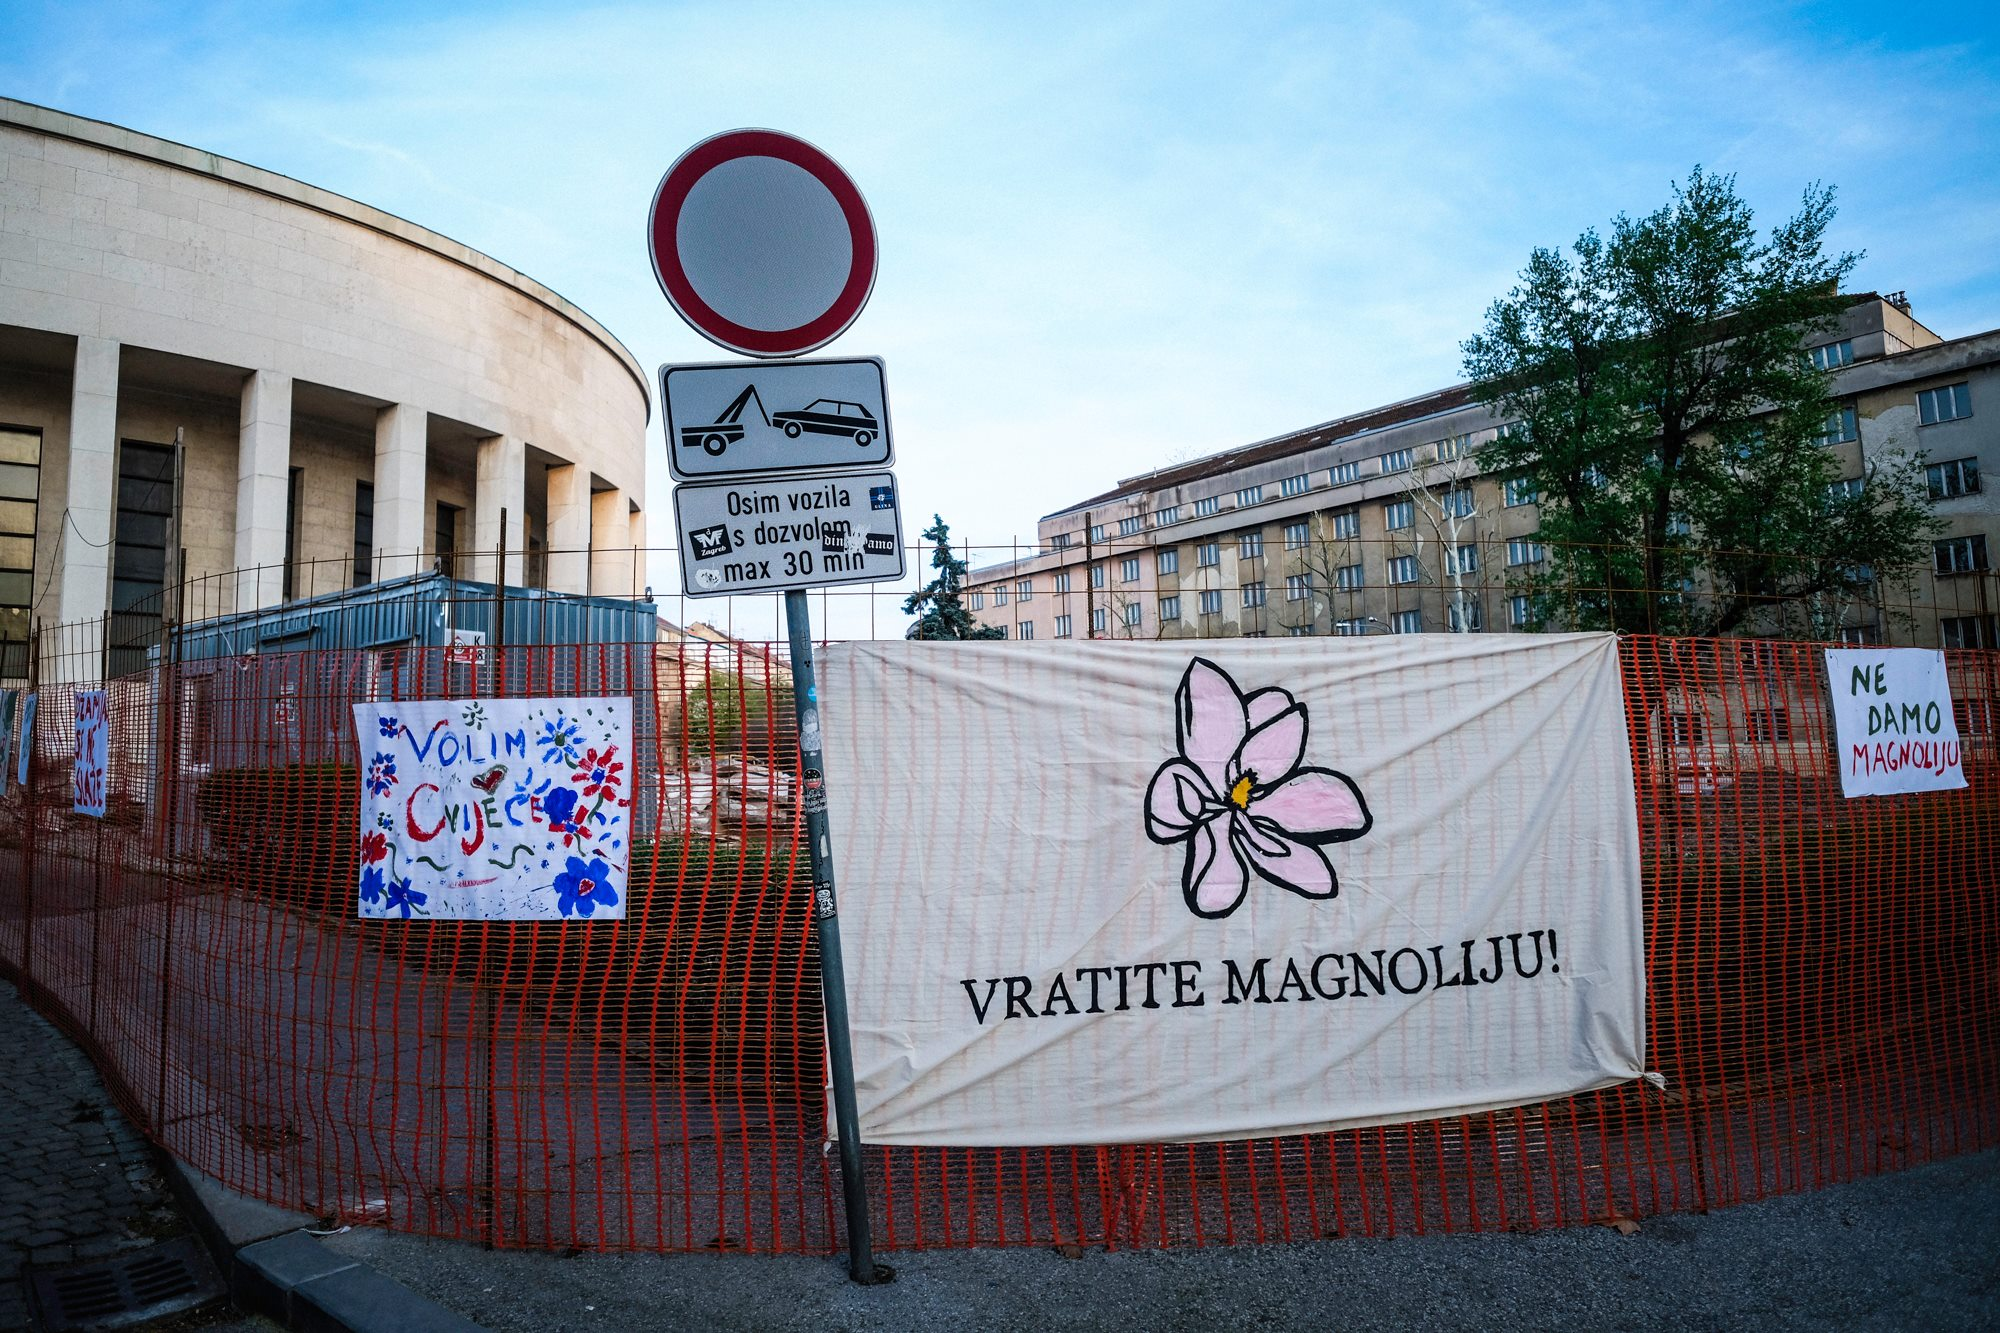 Veliki uspjeh građanskih inicijativa nakon tri godine pritiska: Vraća se magnolija!